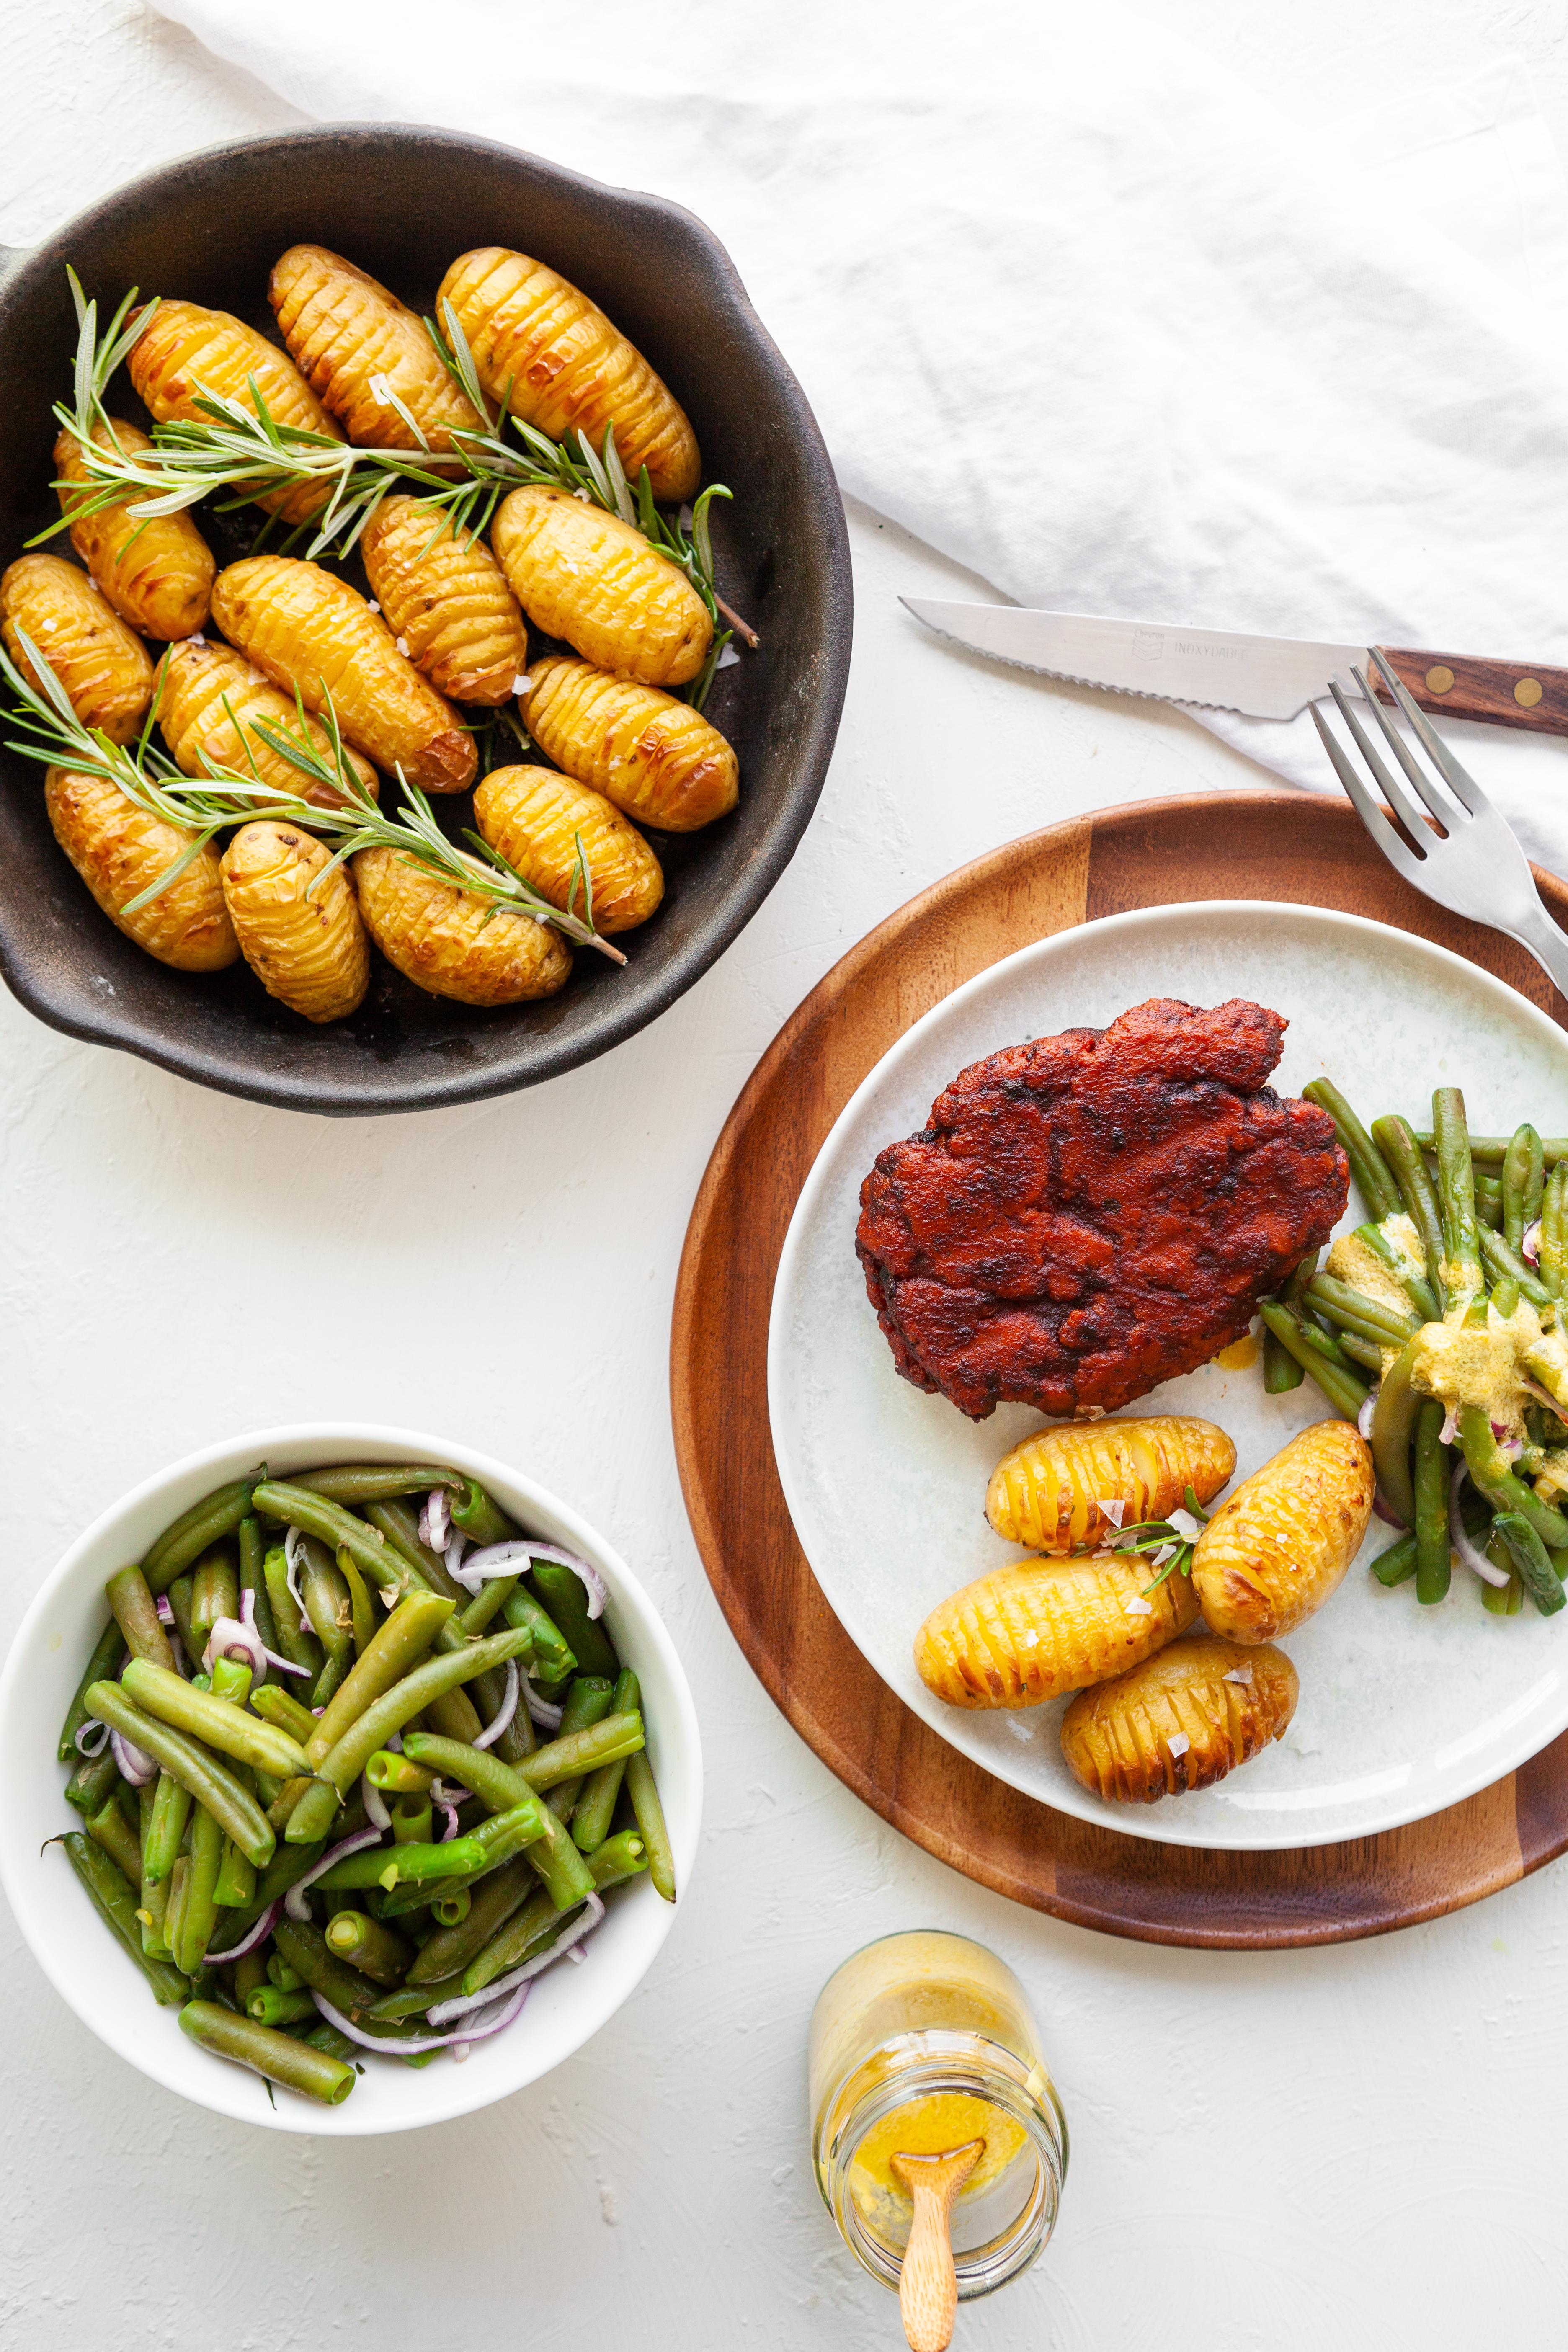 EVA magazine Winter 2019 - vegan voor vleeseters - Steack maison met rozemarijnpatatjes